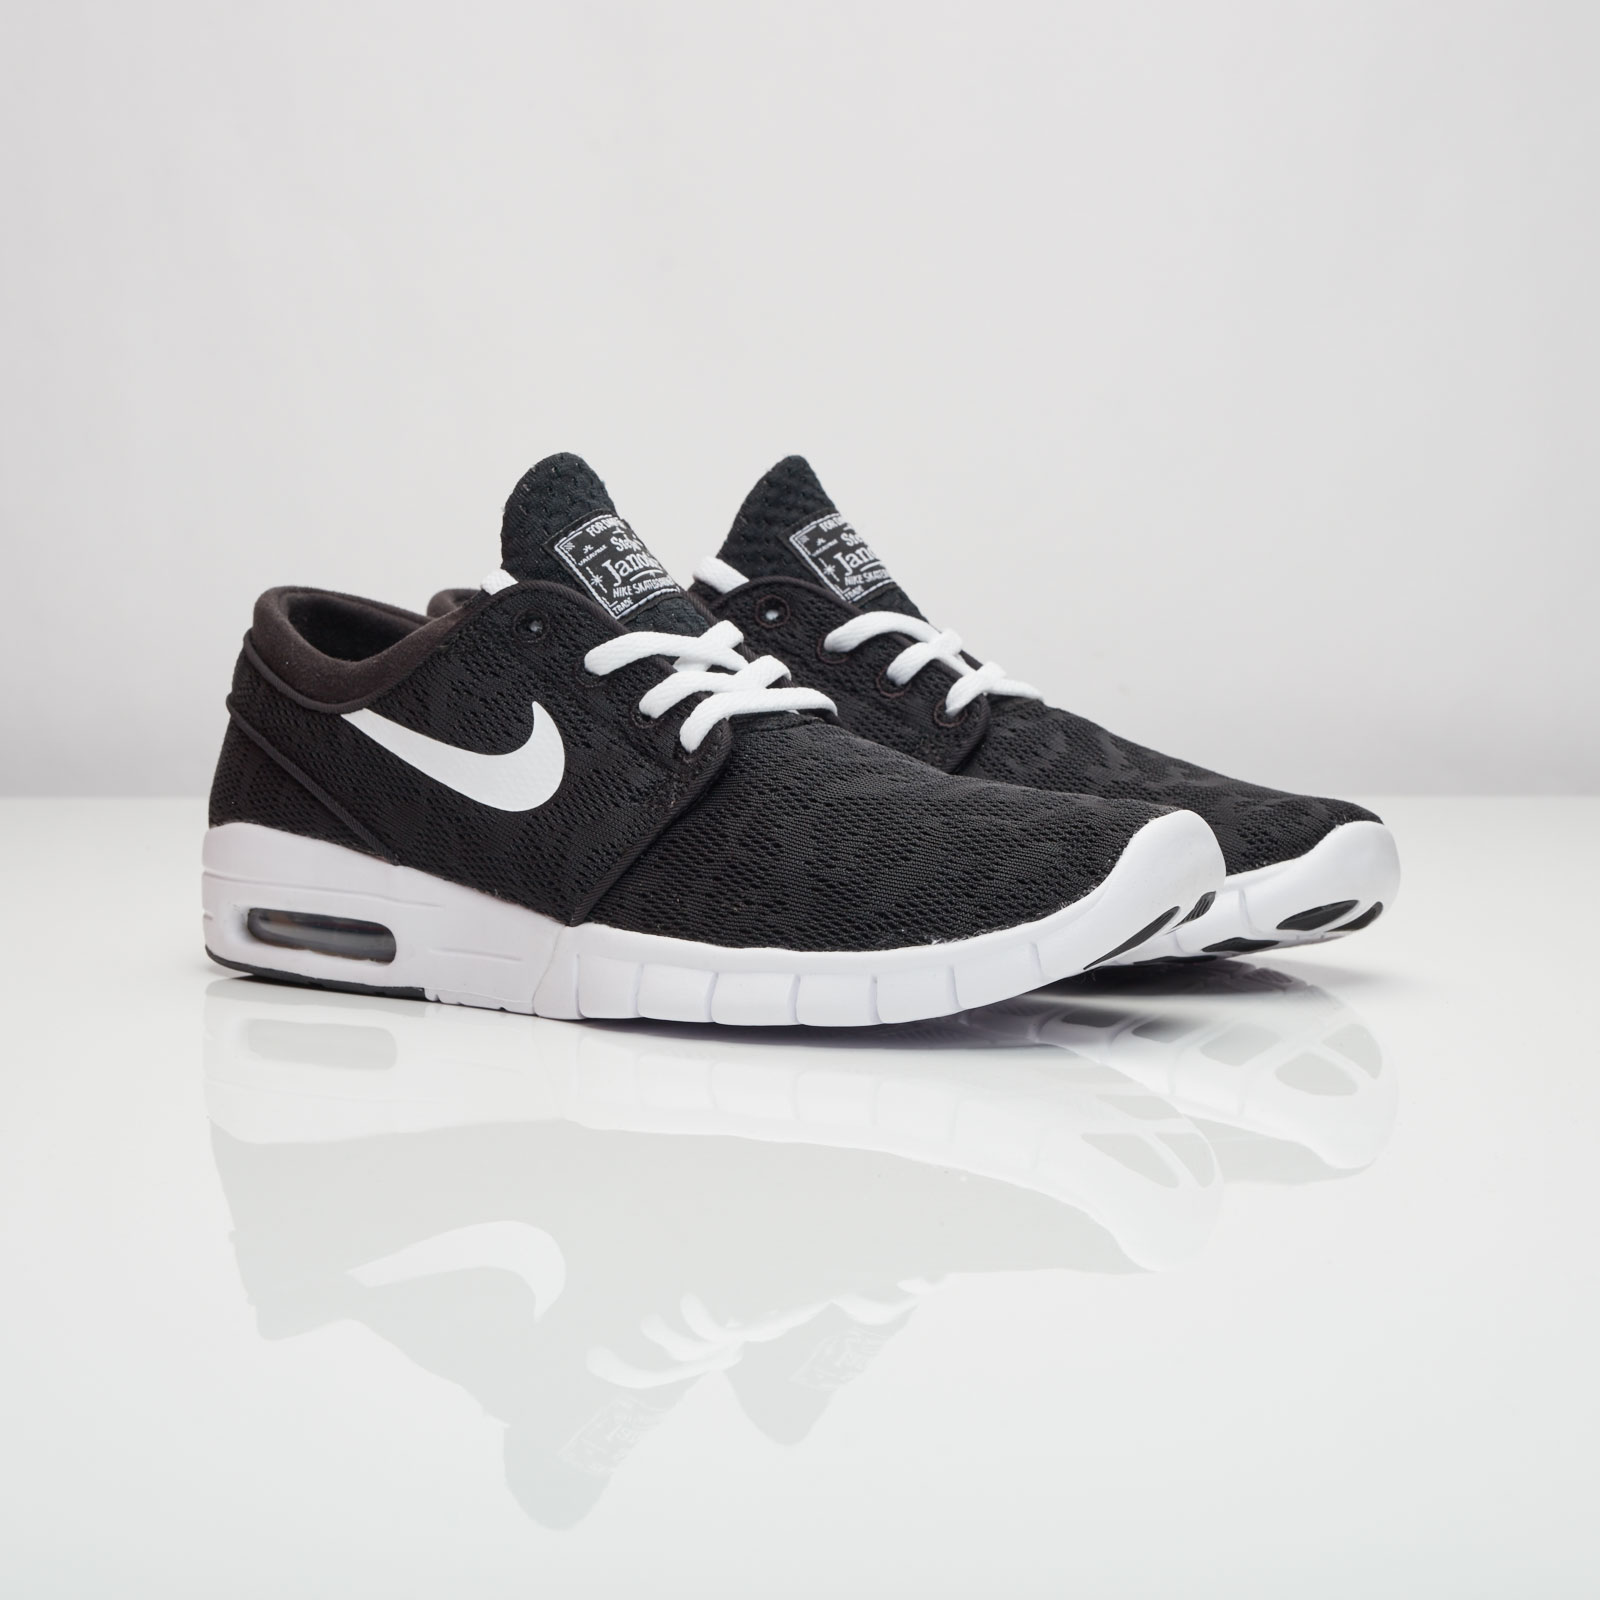 f53f5d41ceb6 Nike Stefan Janoski Max - 631303-010 - Sneakersnstuff